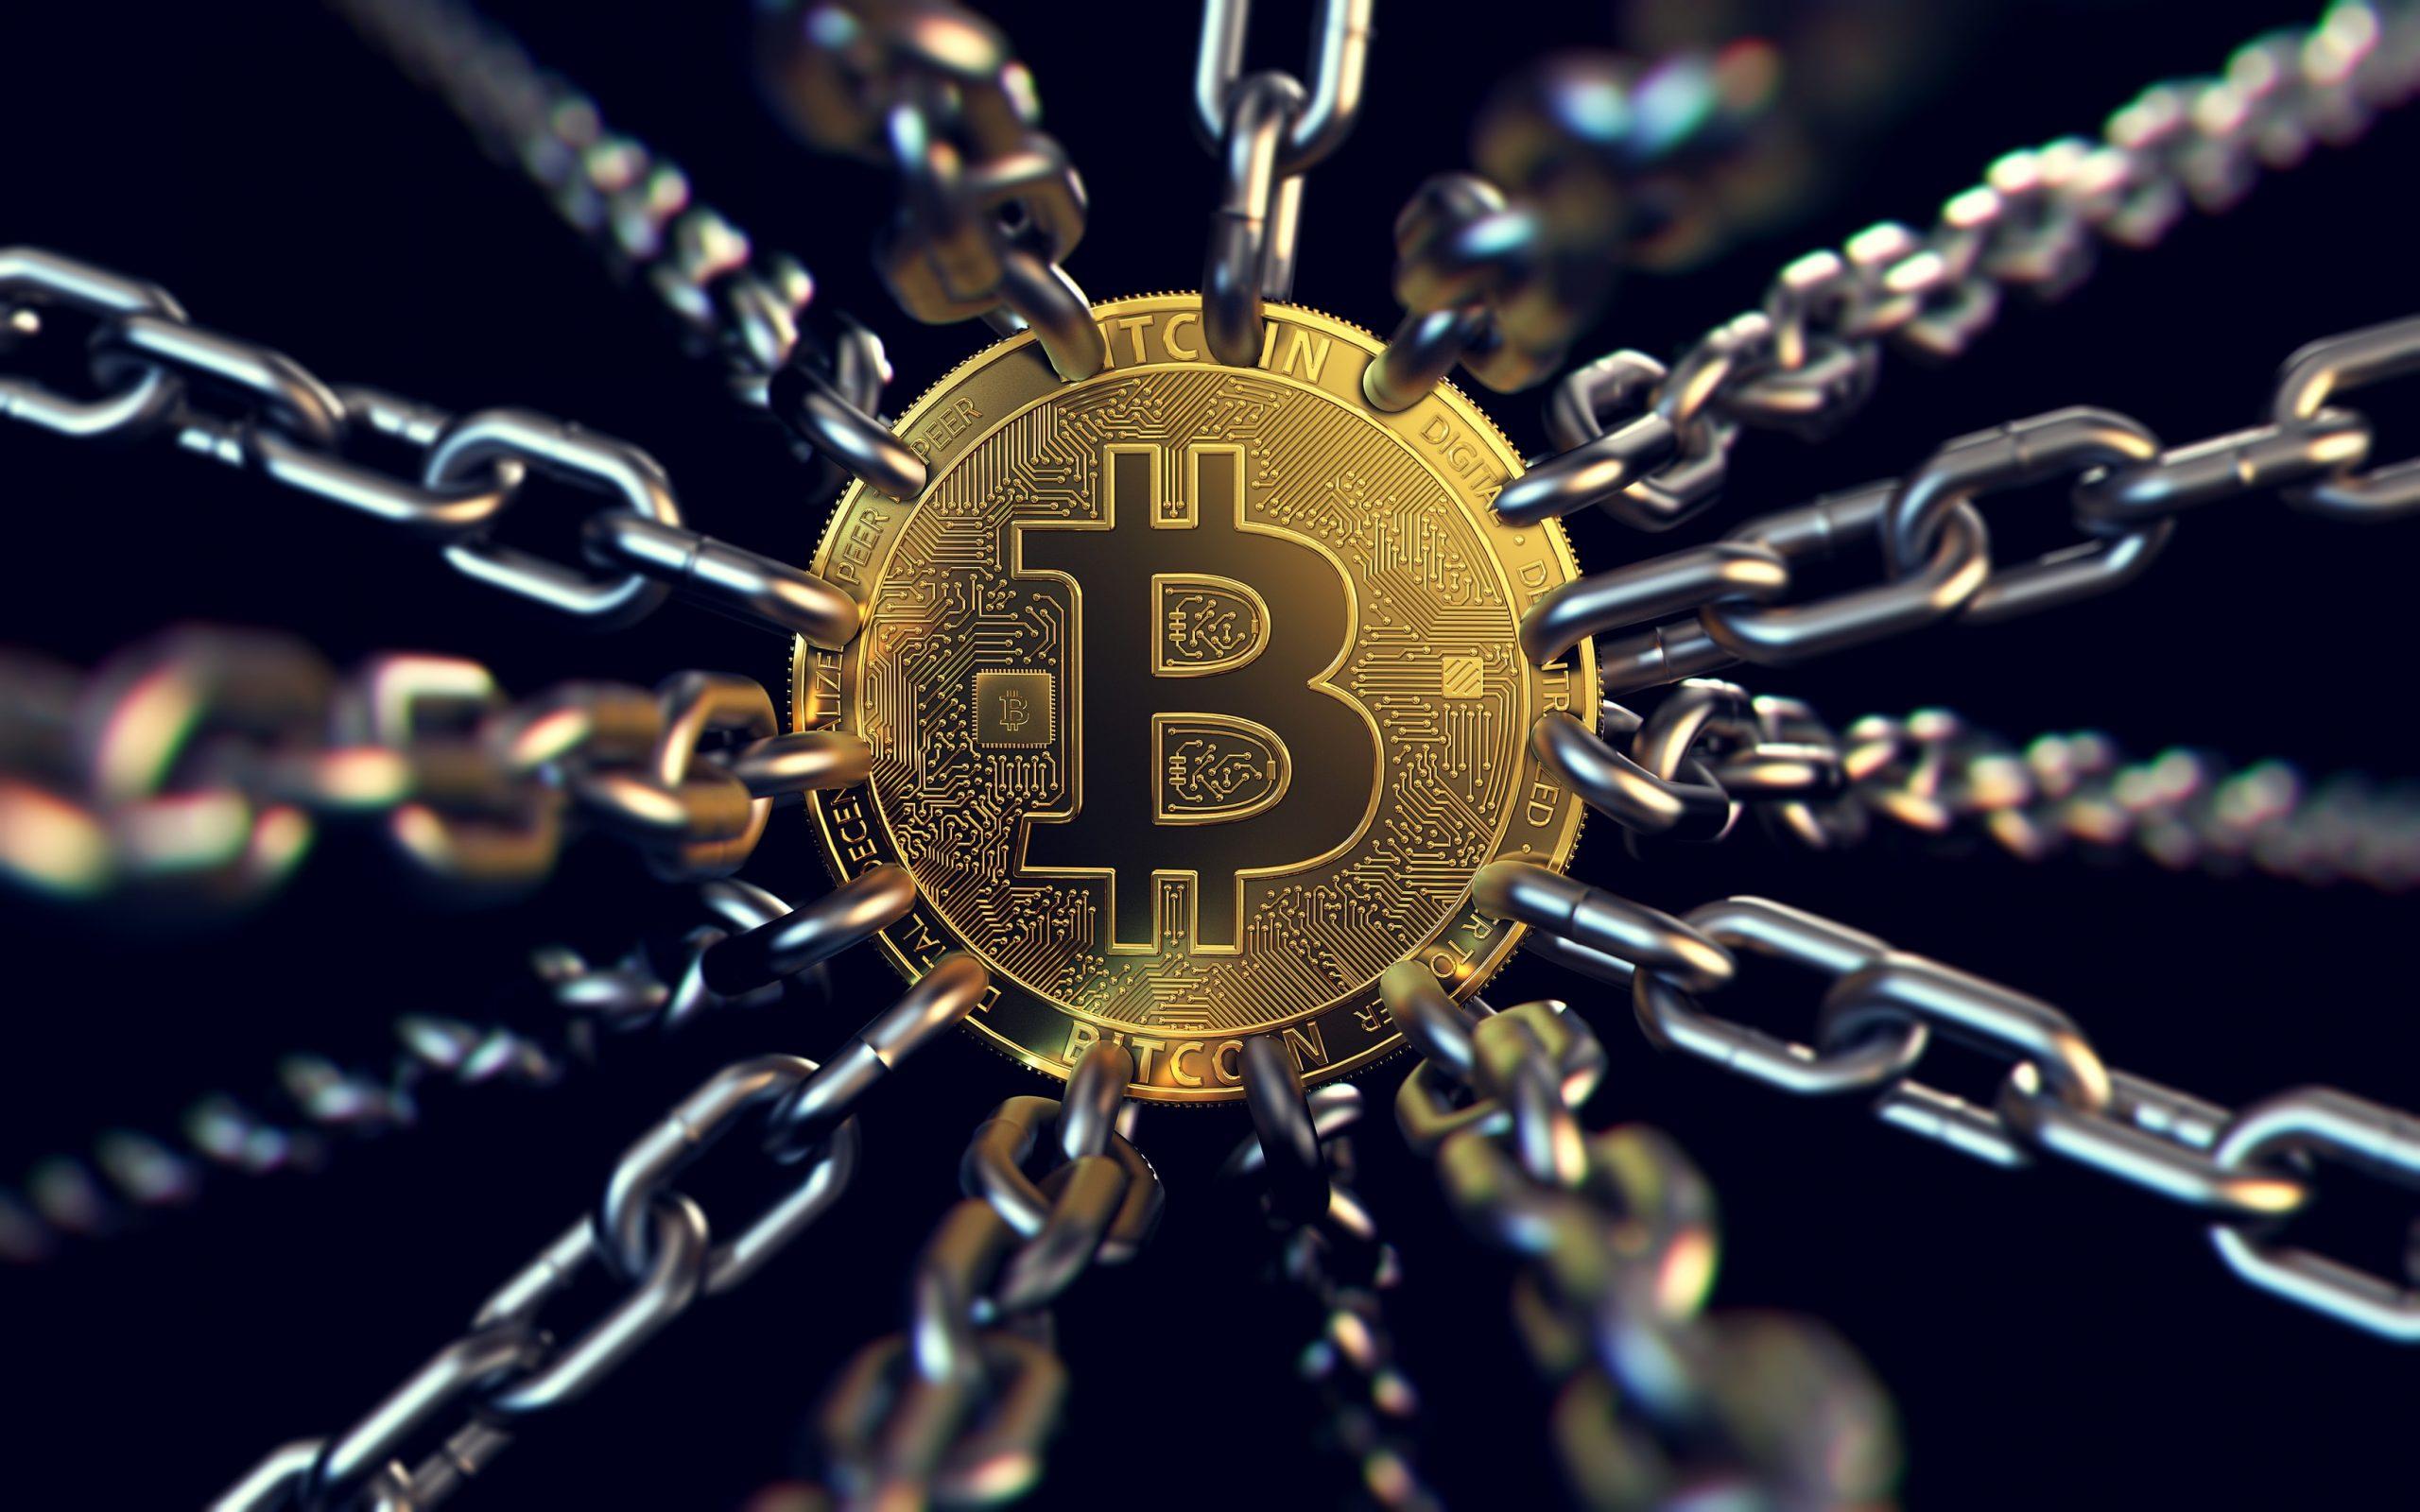 Bitcoin-Münze, an der mehreren Ketten ziehen